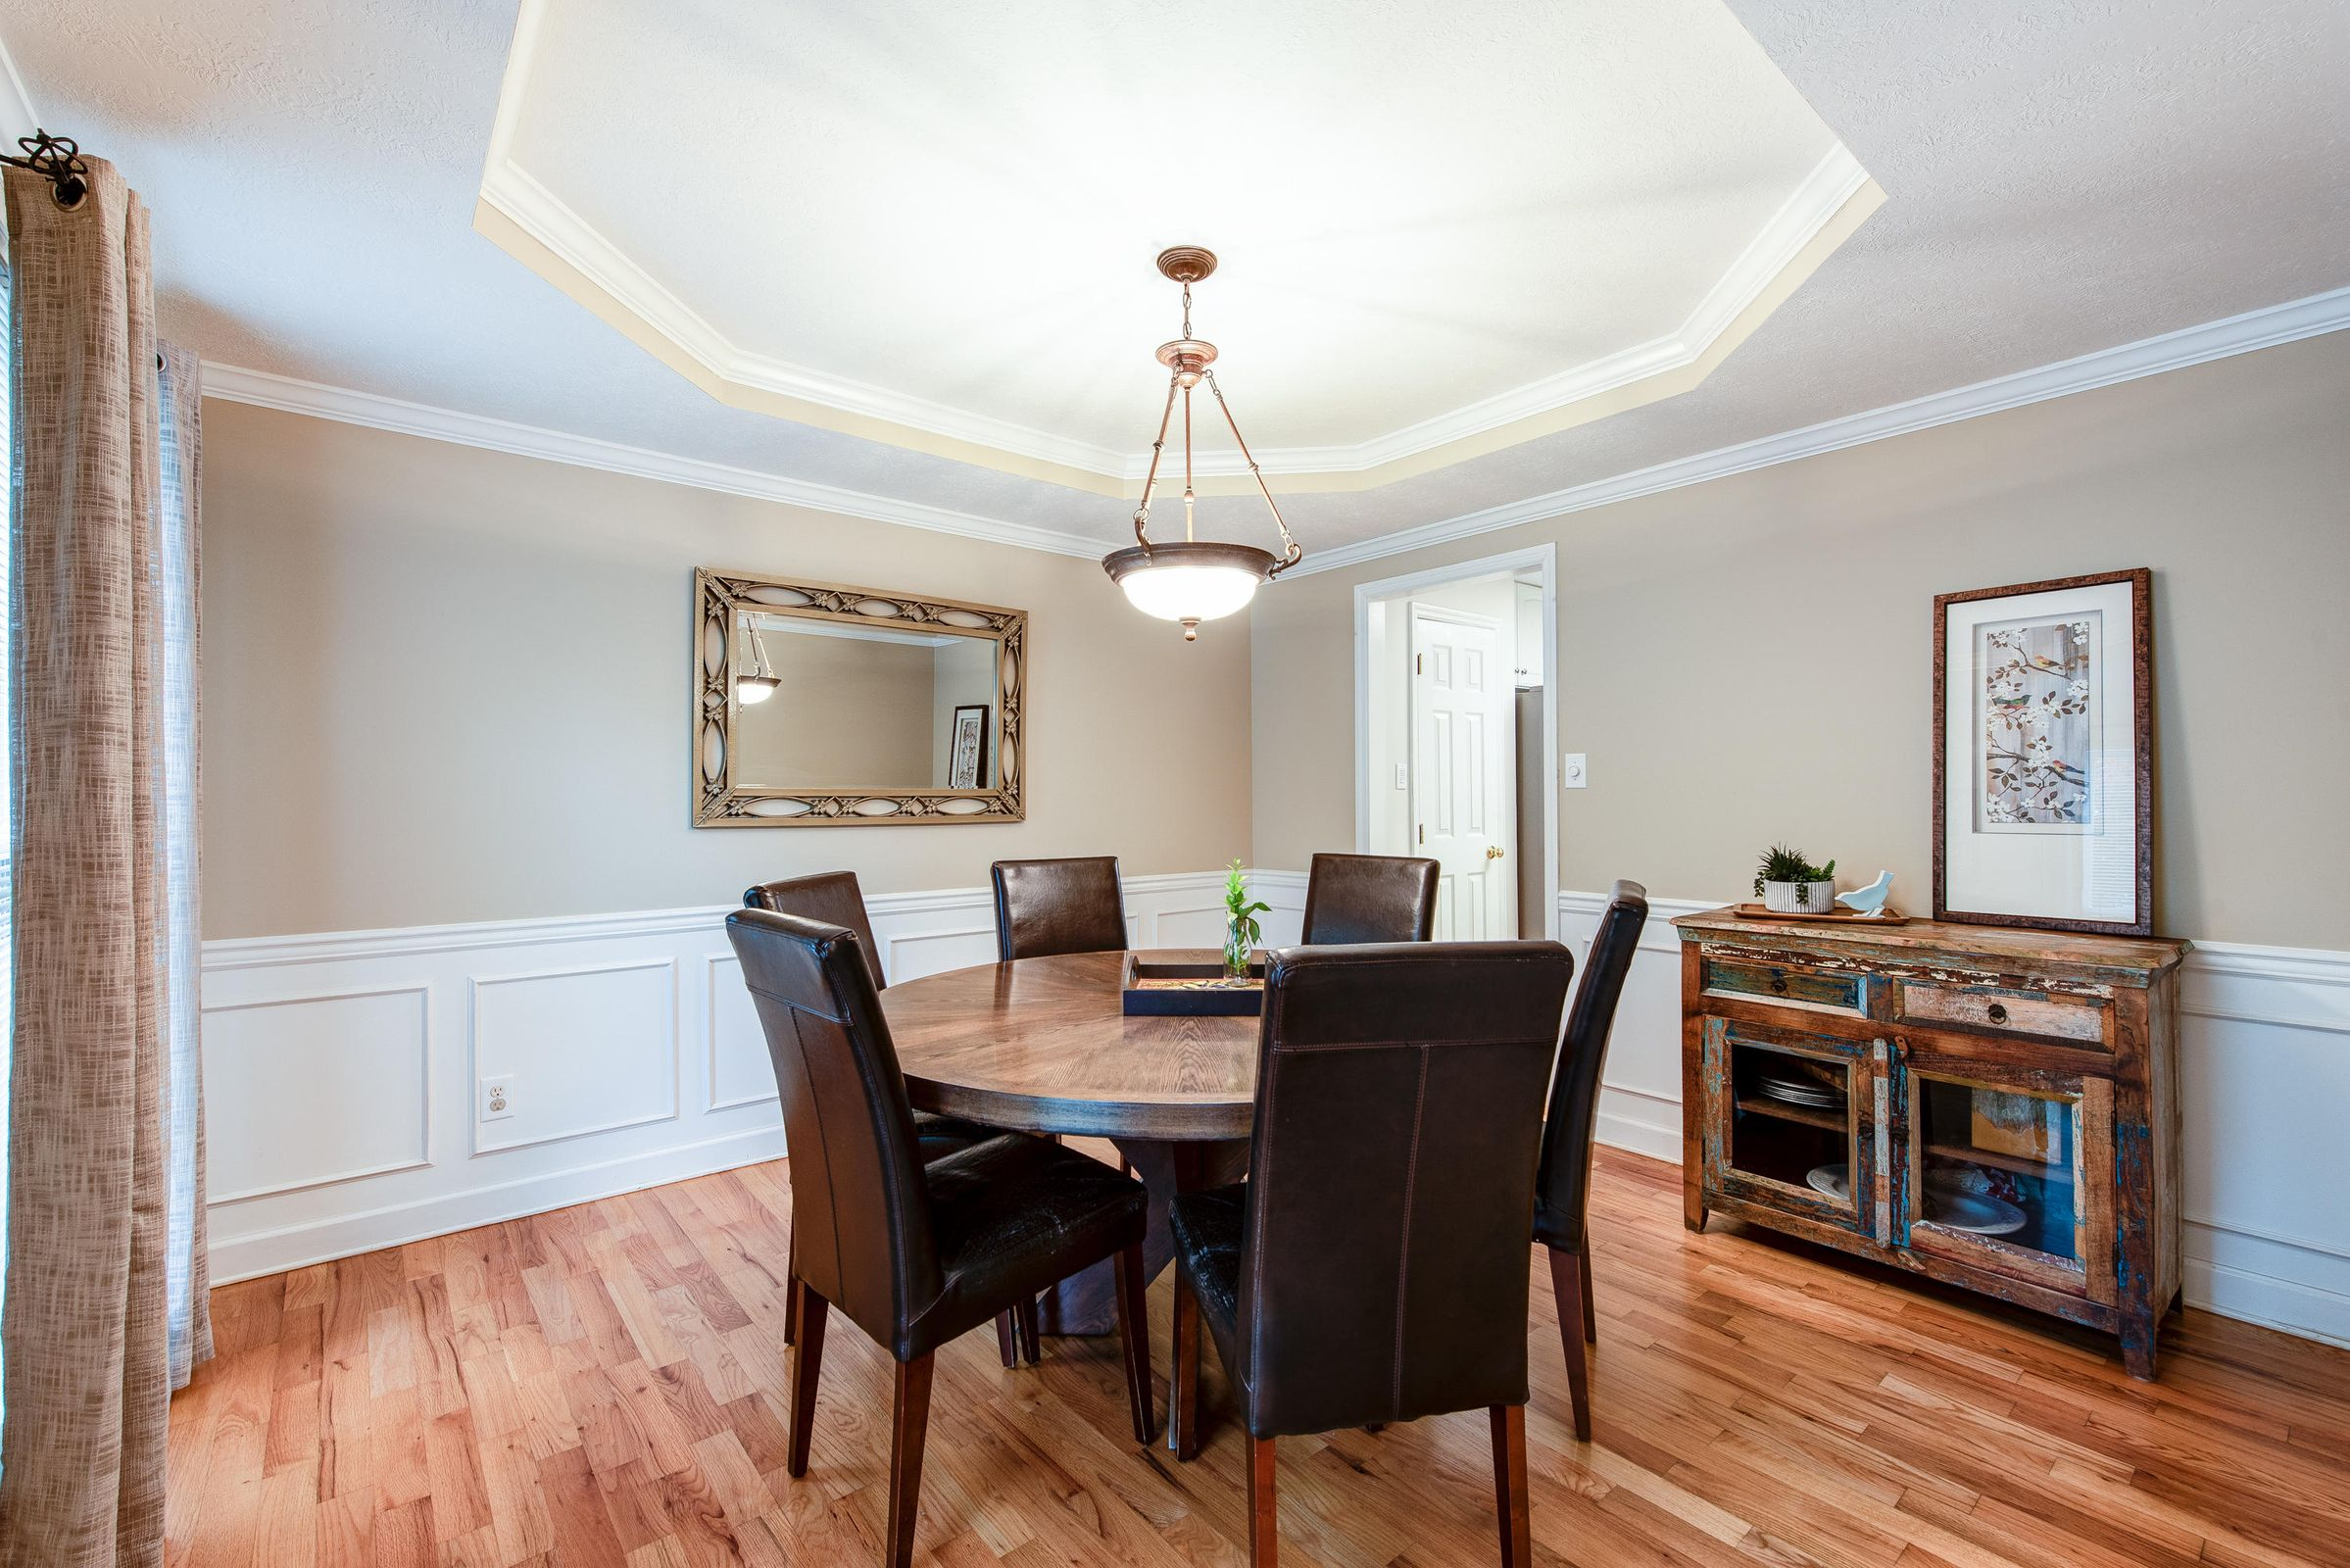 main floor - dining room